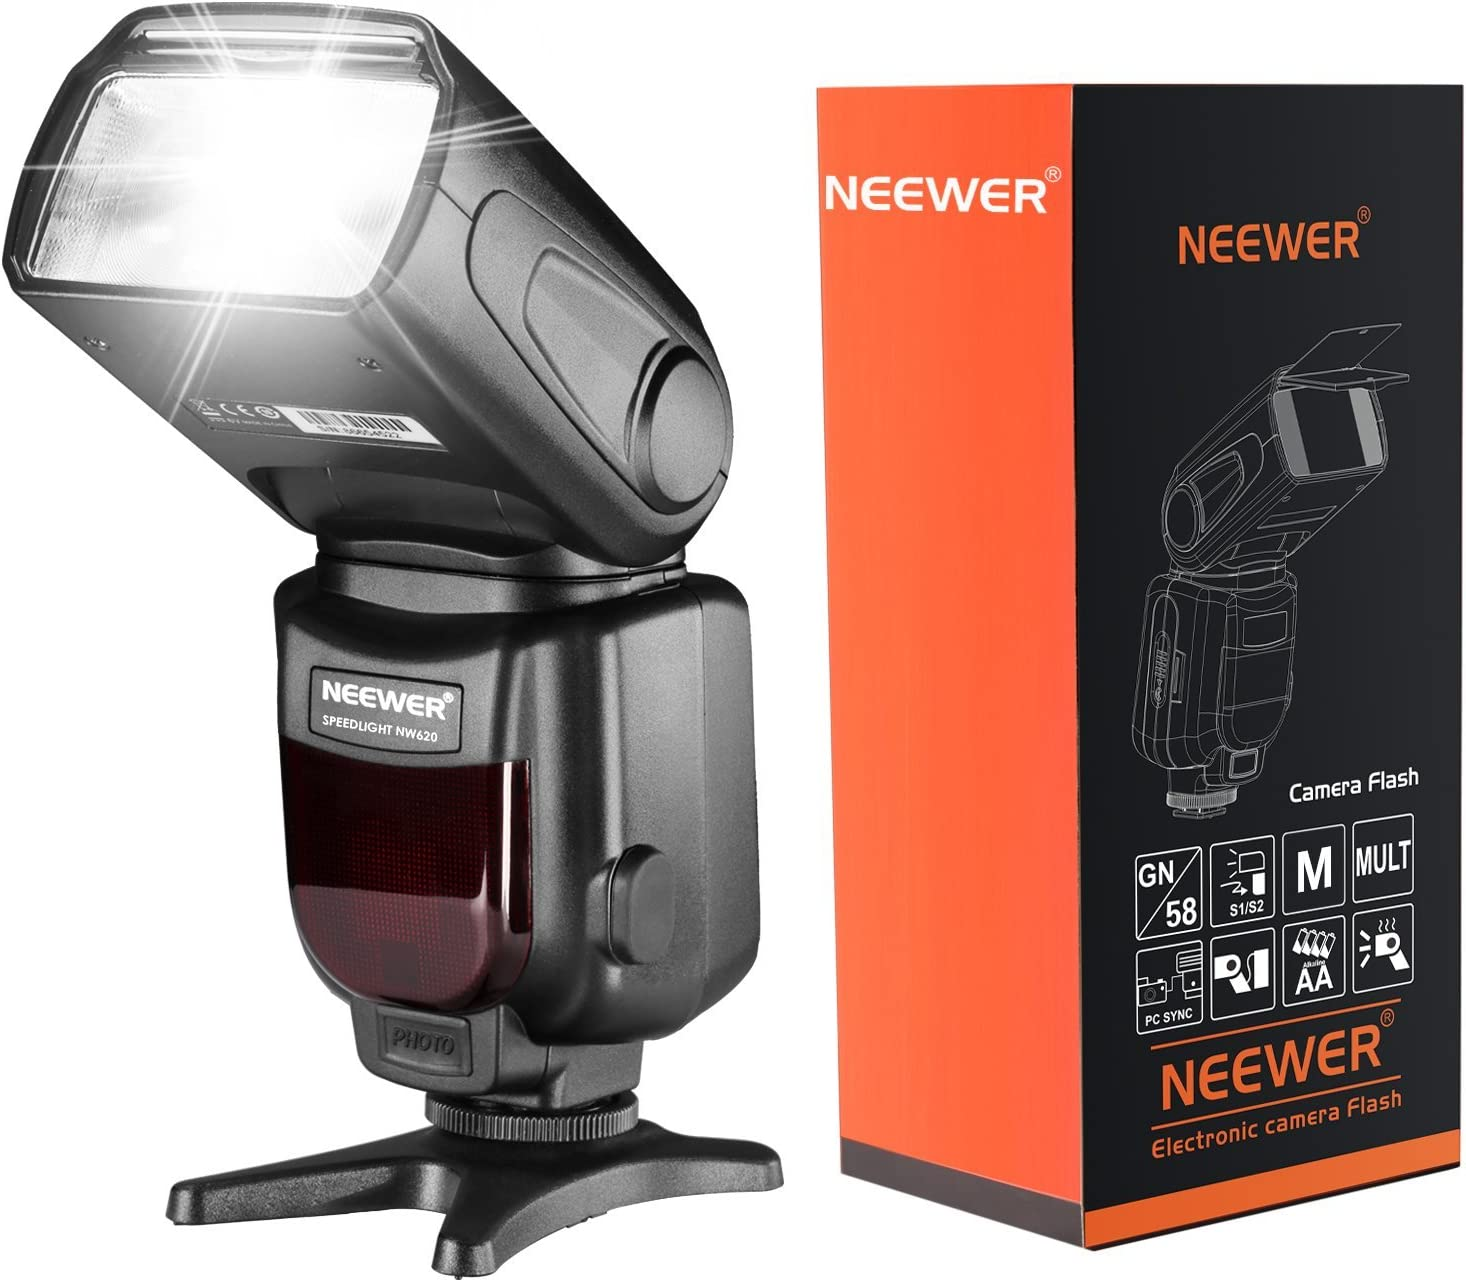 Neewer Nw620 Speedlite Blitzgerät Für Canon Nikon Kamera